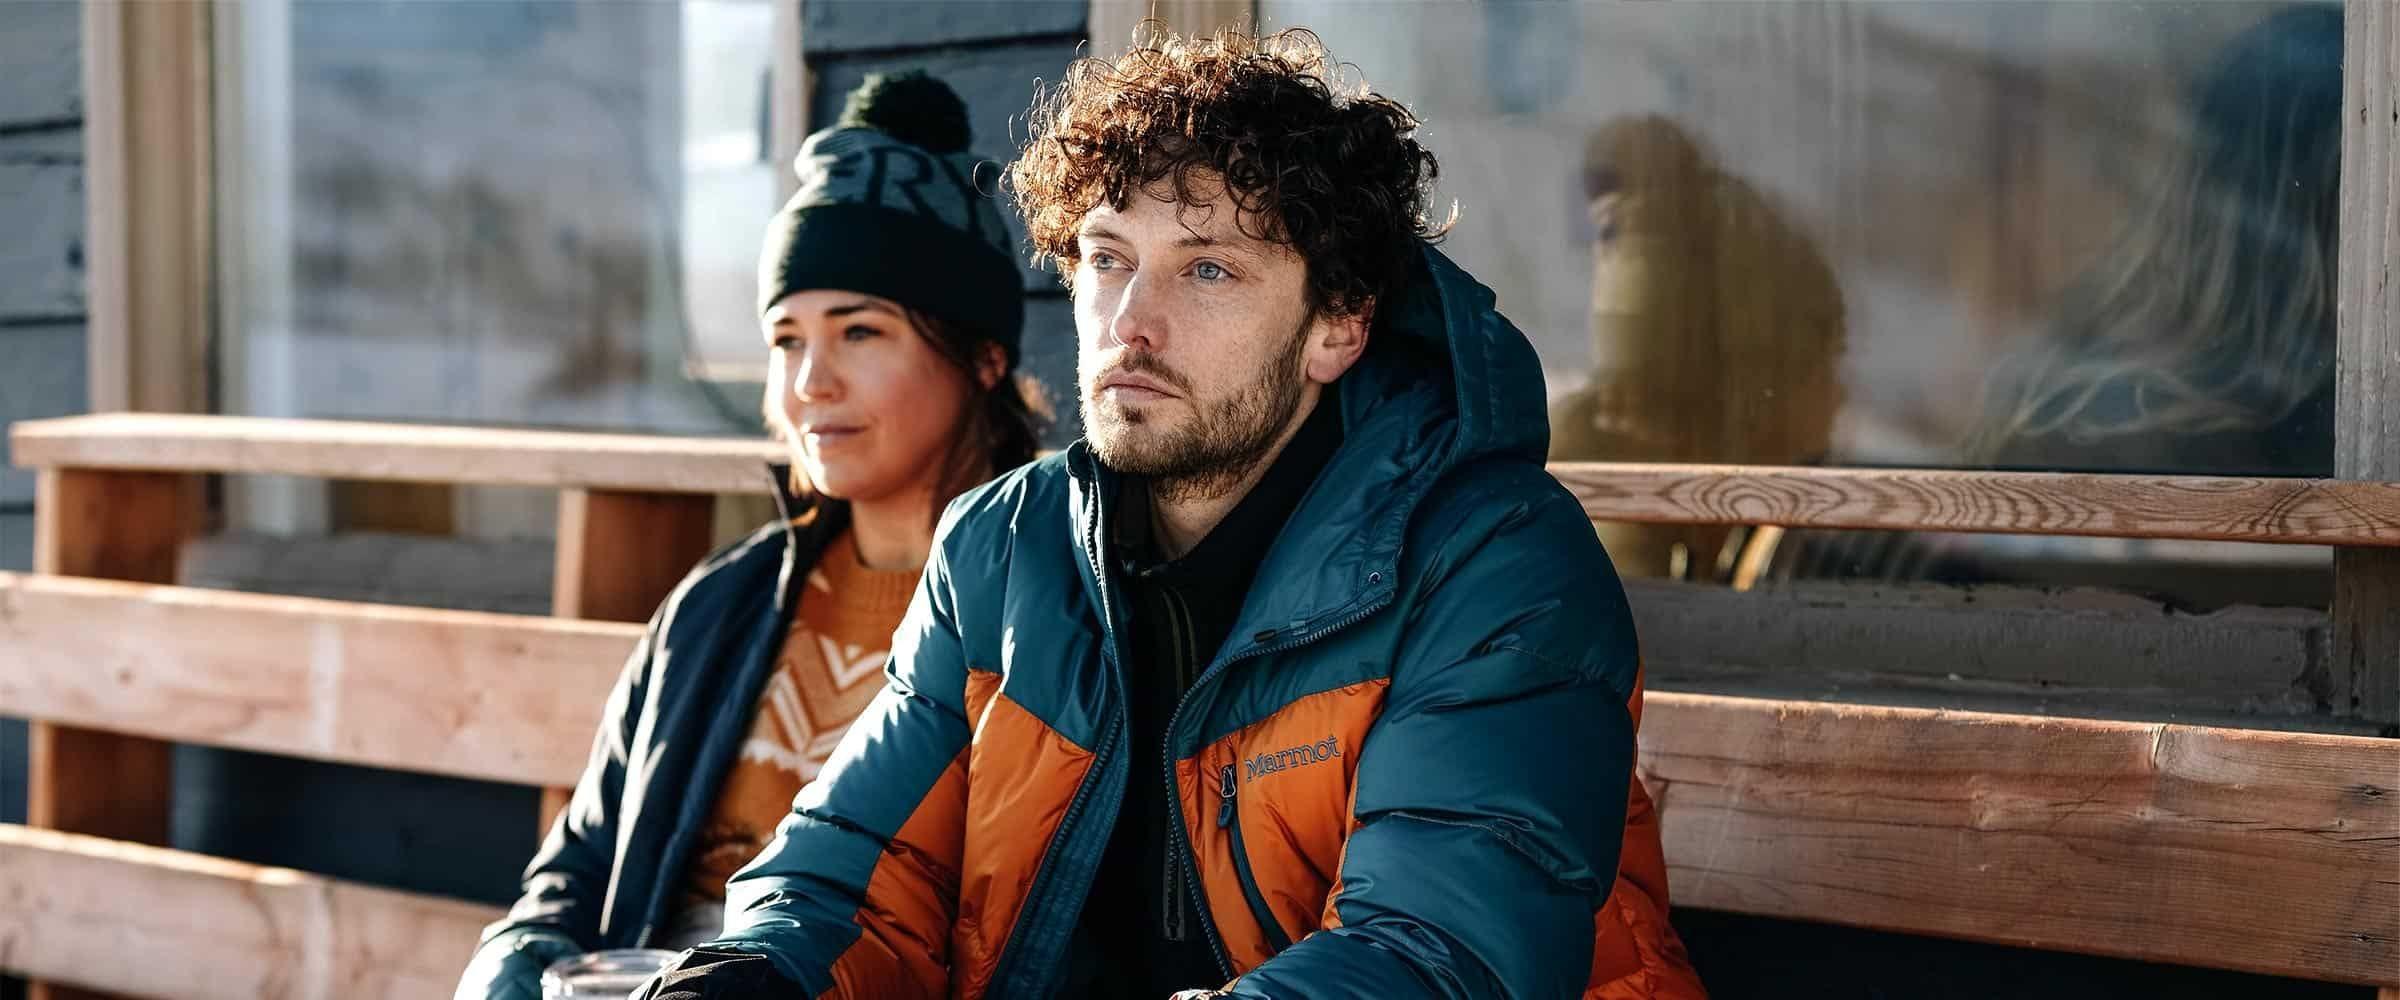 Comment choisir le bon manteau d'hiver